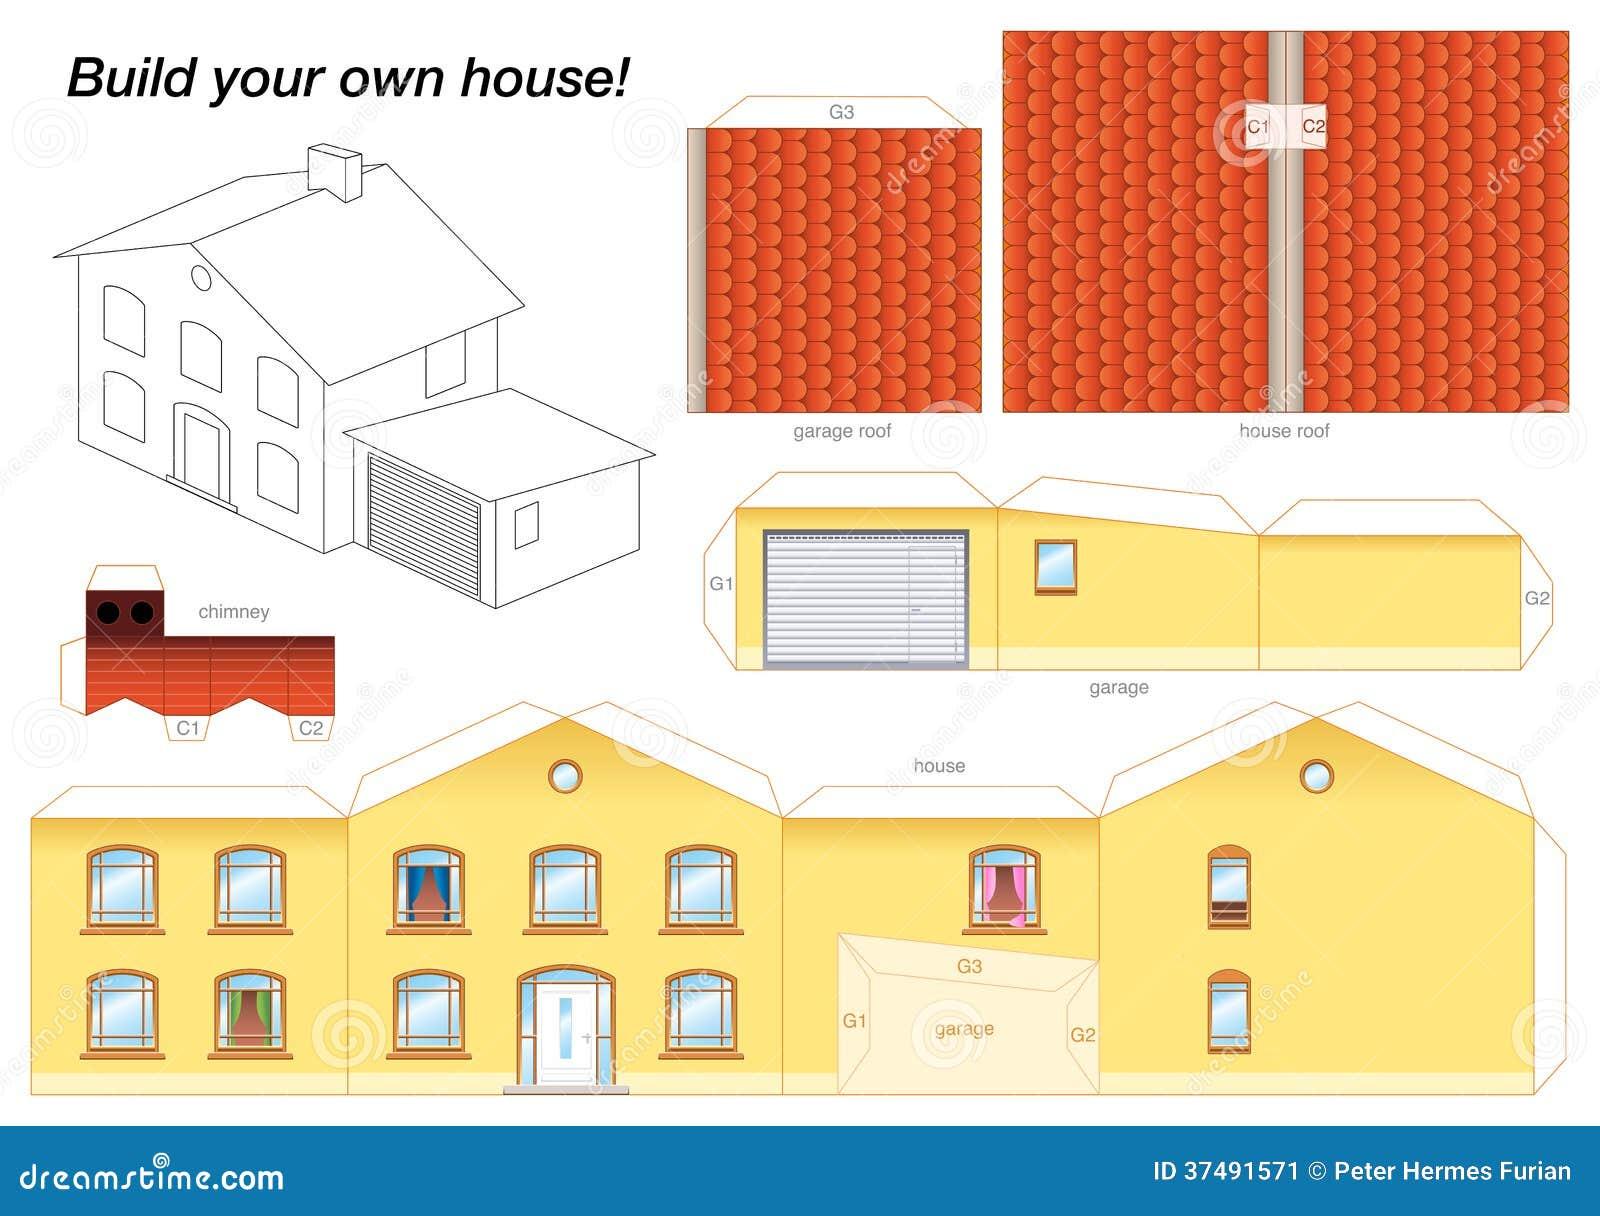 Макет многоэтажного дома из бумаги своими руками схемы